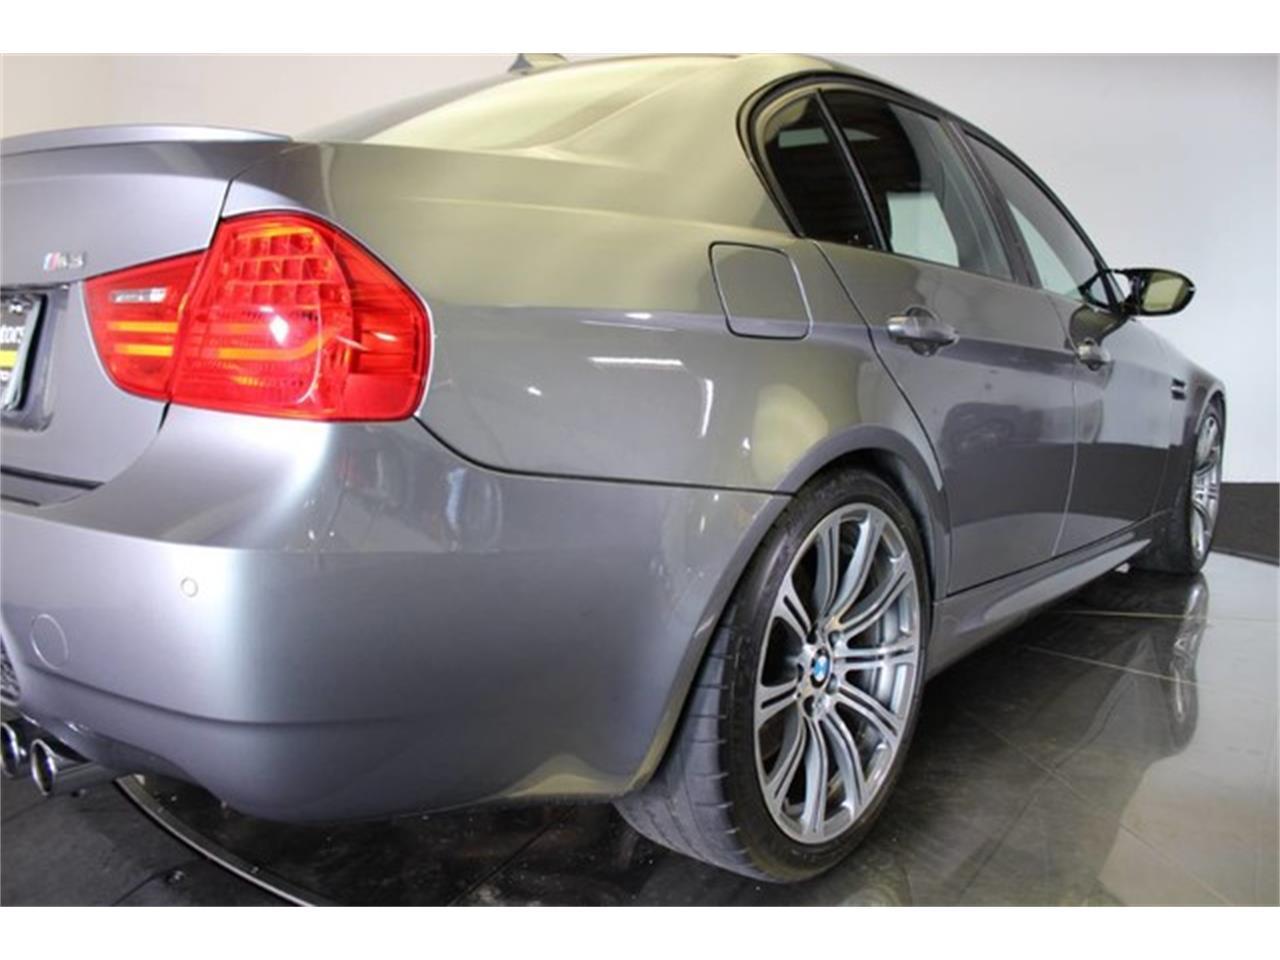 2009 BMW M3 for Sale | ClassicCars.com | CC-1302362